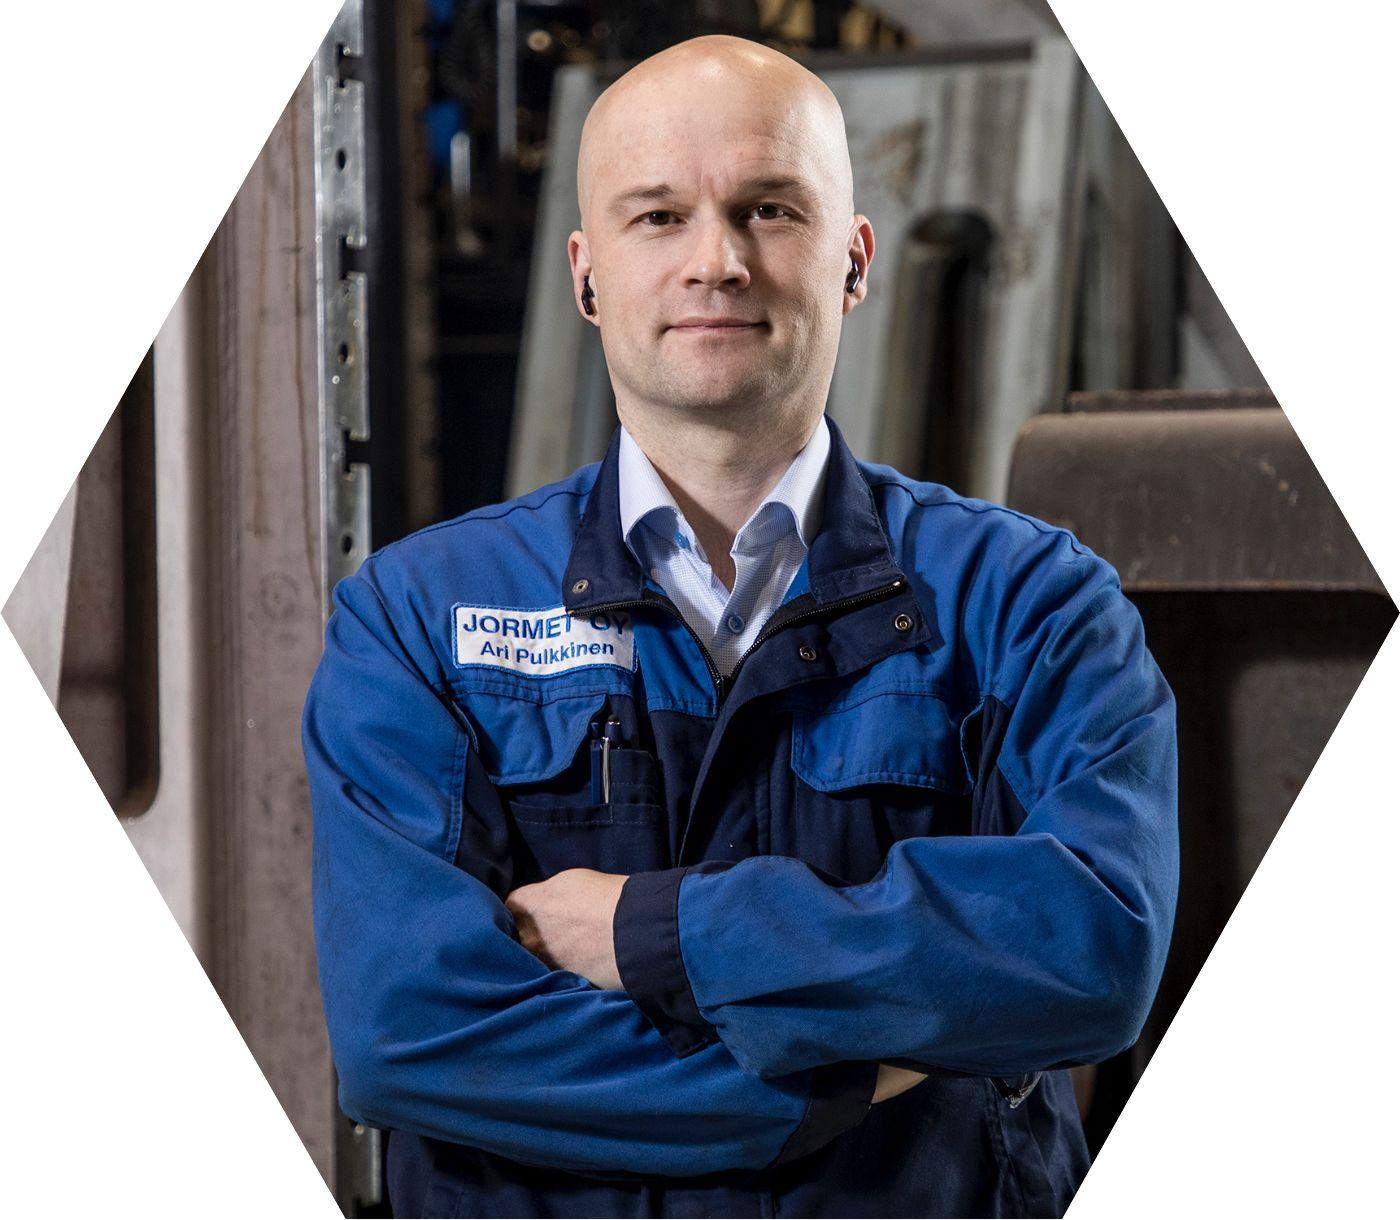 Ari Pulkkinen